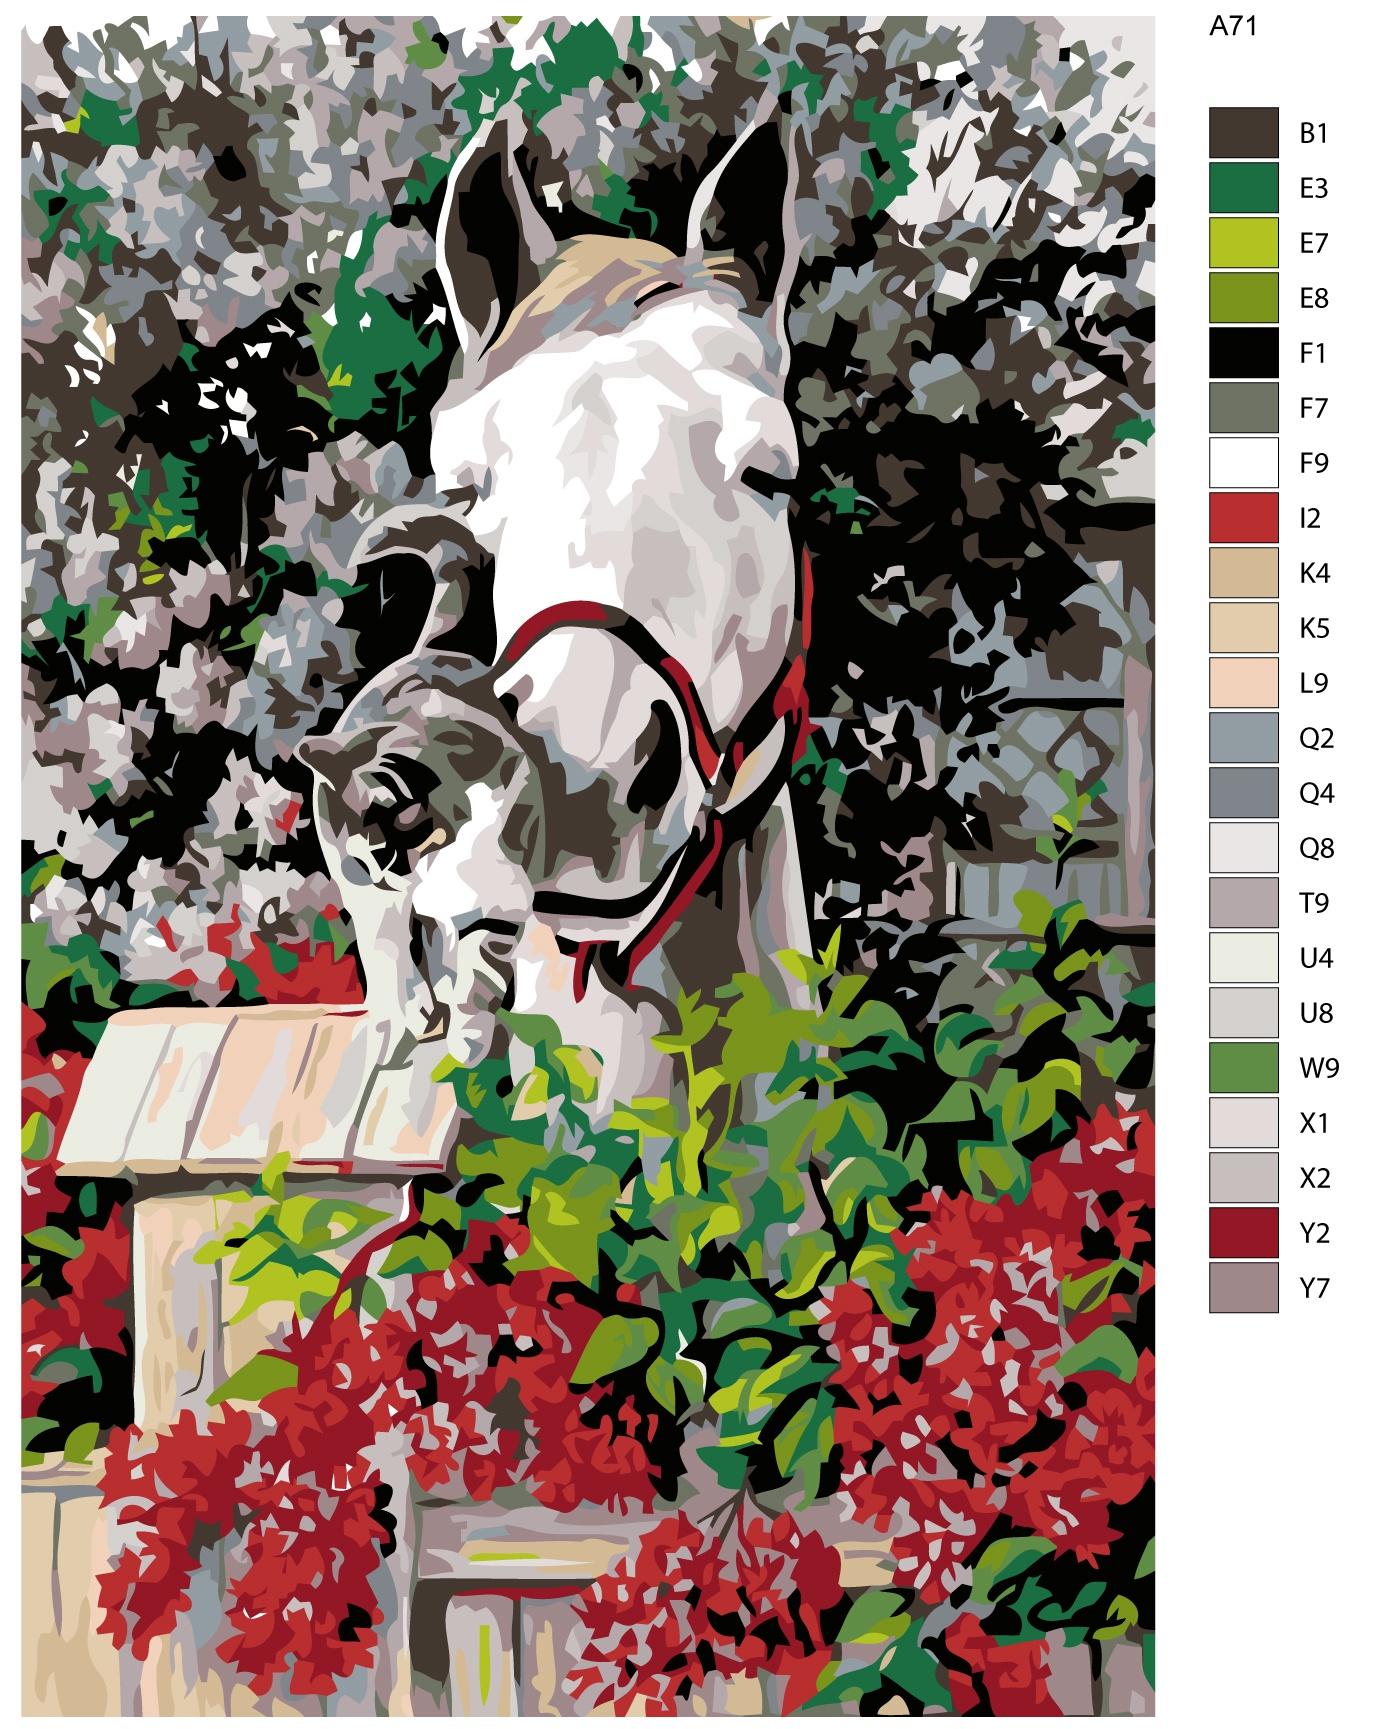 Набор для создания картины Живопись по номерам A71A71Количество красок от 18 до 24. Картина раскрашивается без смешивания красок. Высококачественные акриловые краски собственного производства сделают вашу картину яркой и уникальной. Все необходимые материалы есть в комплекте: натуральный хлопковый холст, натянутый на деревянный подрамник, баночки с акриловыми красками на водной основе, 3 кисти из качественного нейлона, схема раскрашивания, инструкция. Просто закрашивайте участки красками с соответствующим номером.